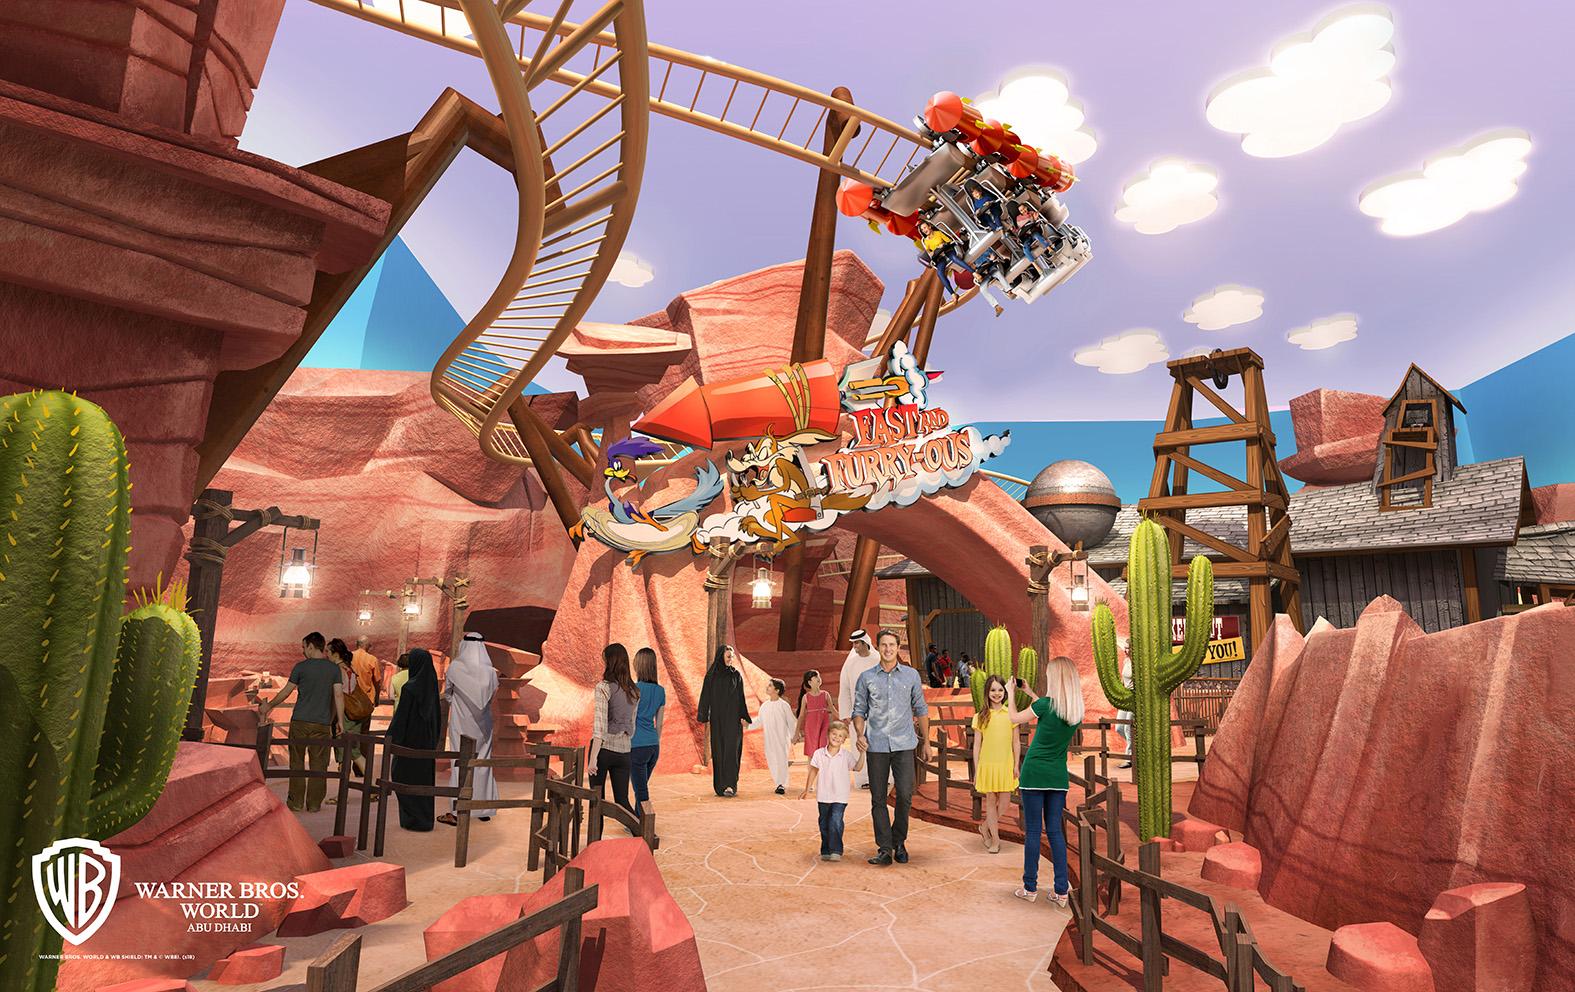 Warner Bros World Abu Dhabi Brings Animation Favorites